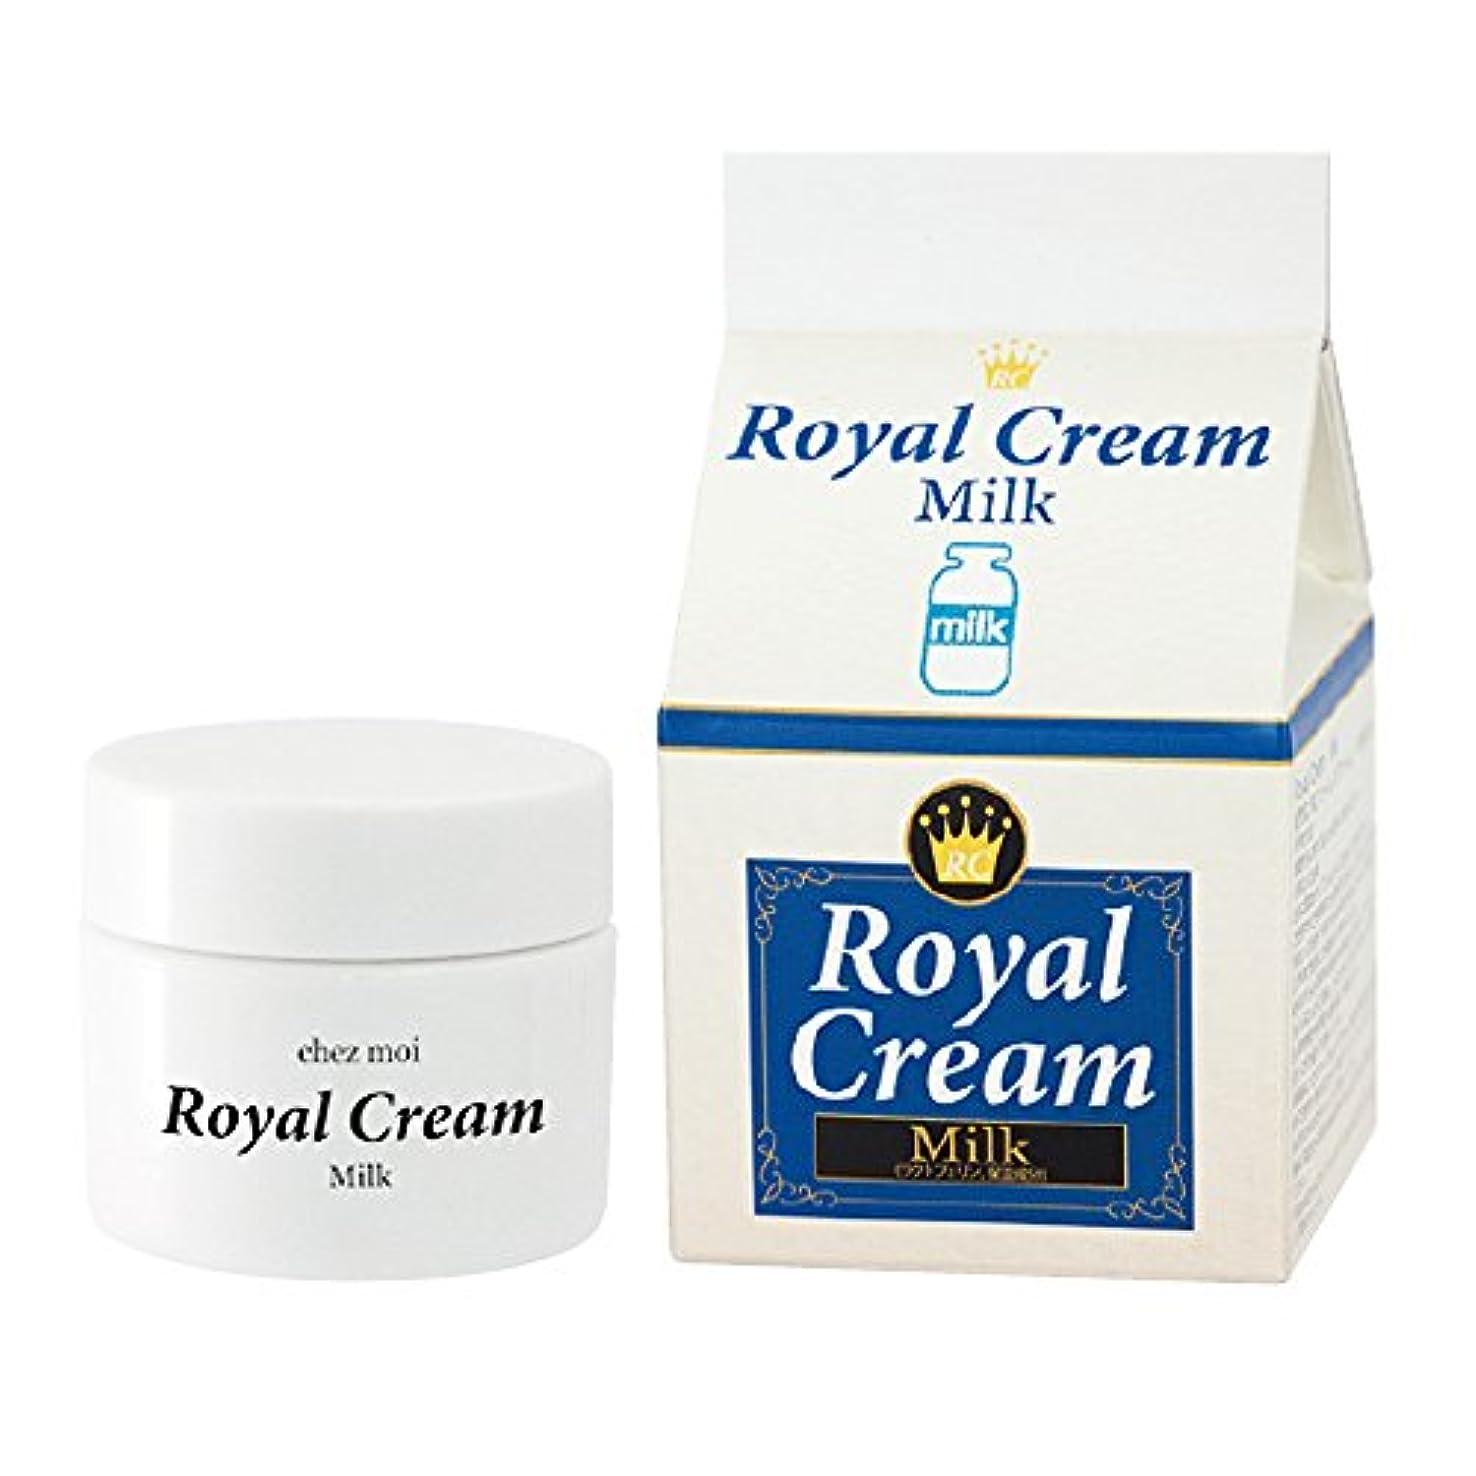 課税混乱世界の窓Royal Cream(ロイヤルクリーム) Milk(ミルク) 30g